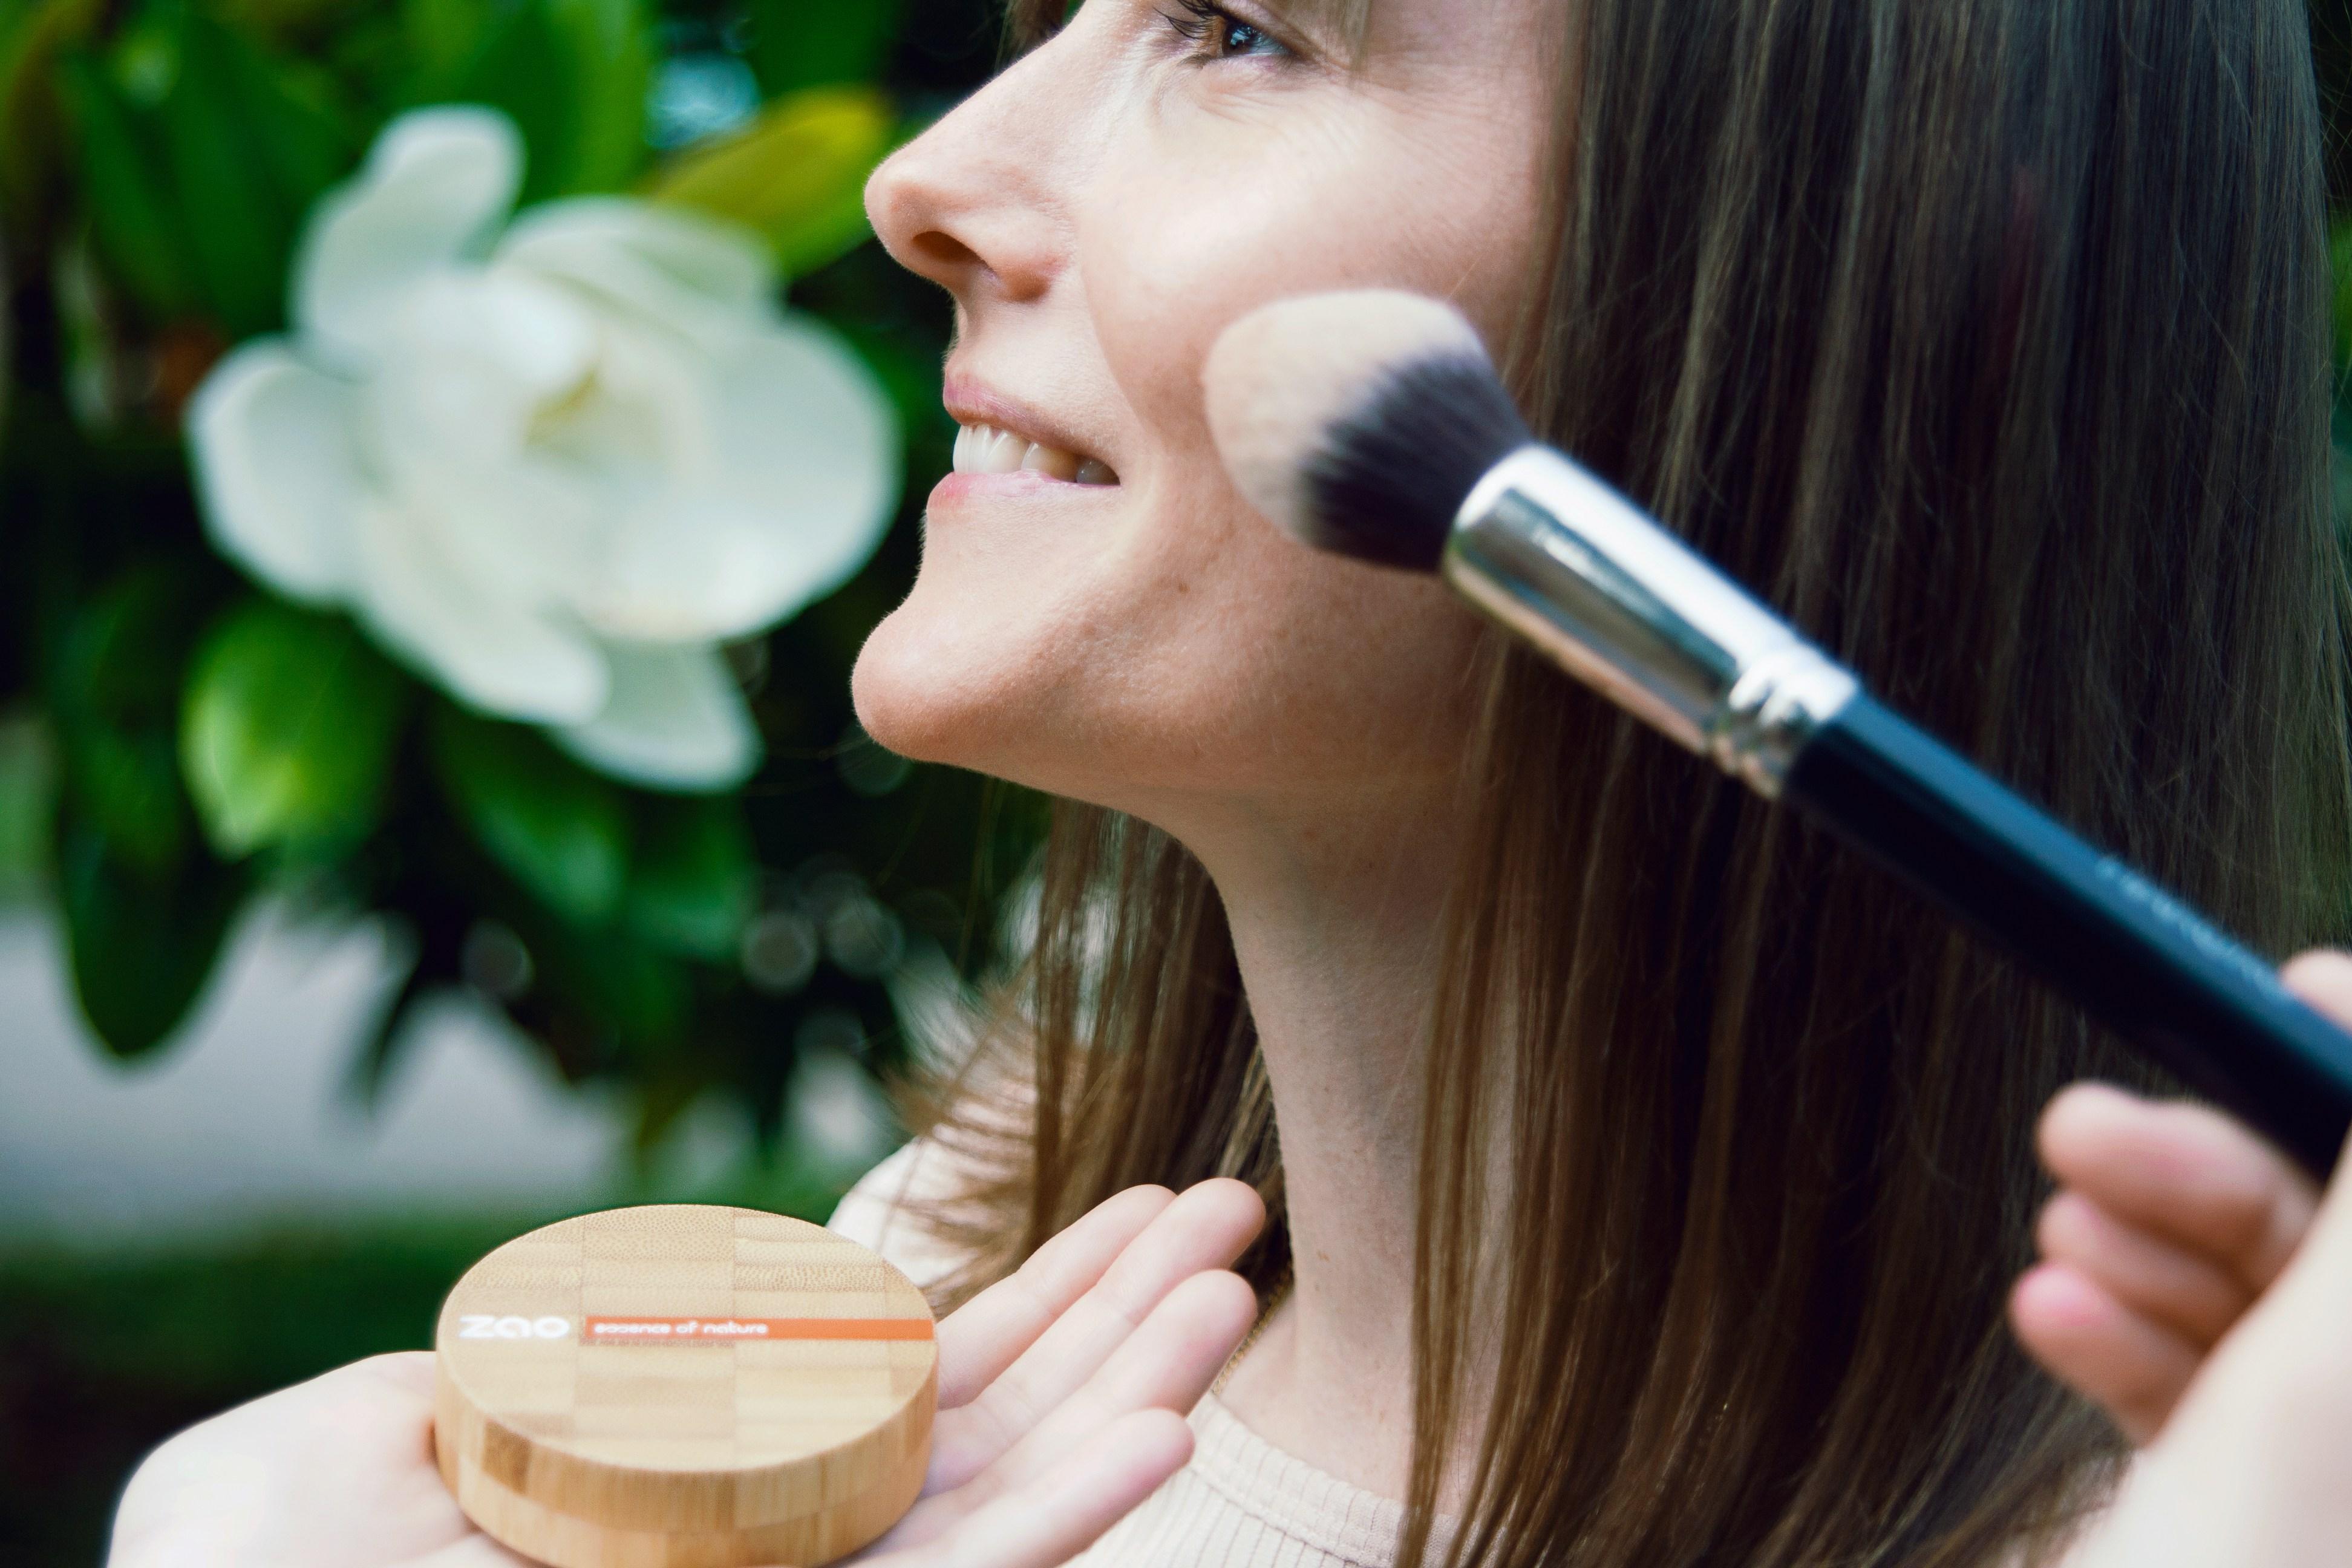 Zao Make-up, kosmetyki do makijazu bio z wkladami uzupelniajacymi | Architect of free time